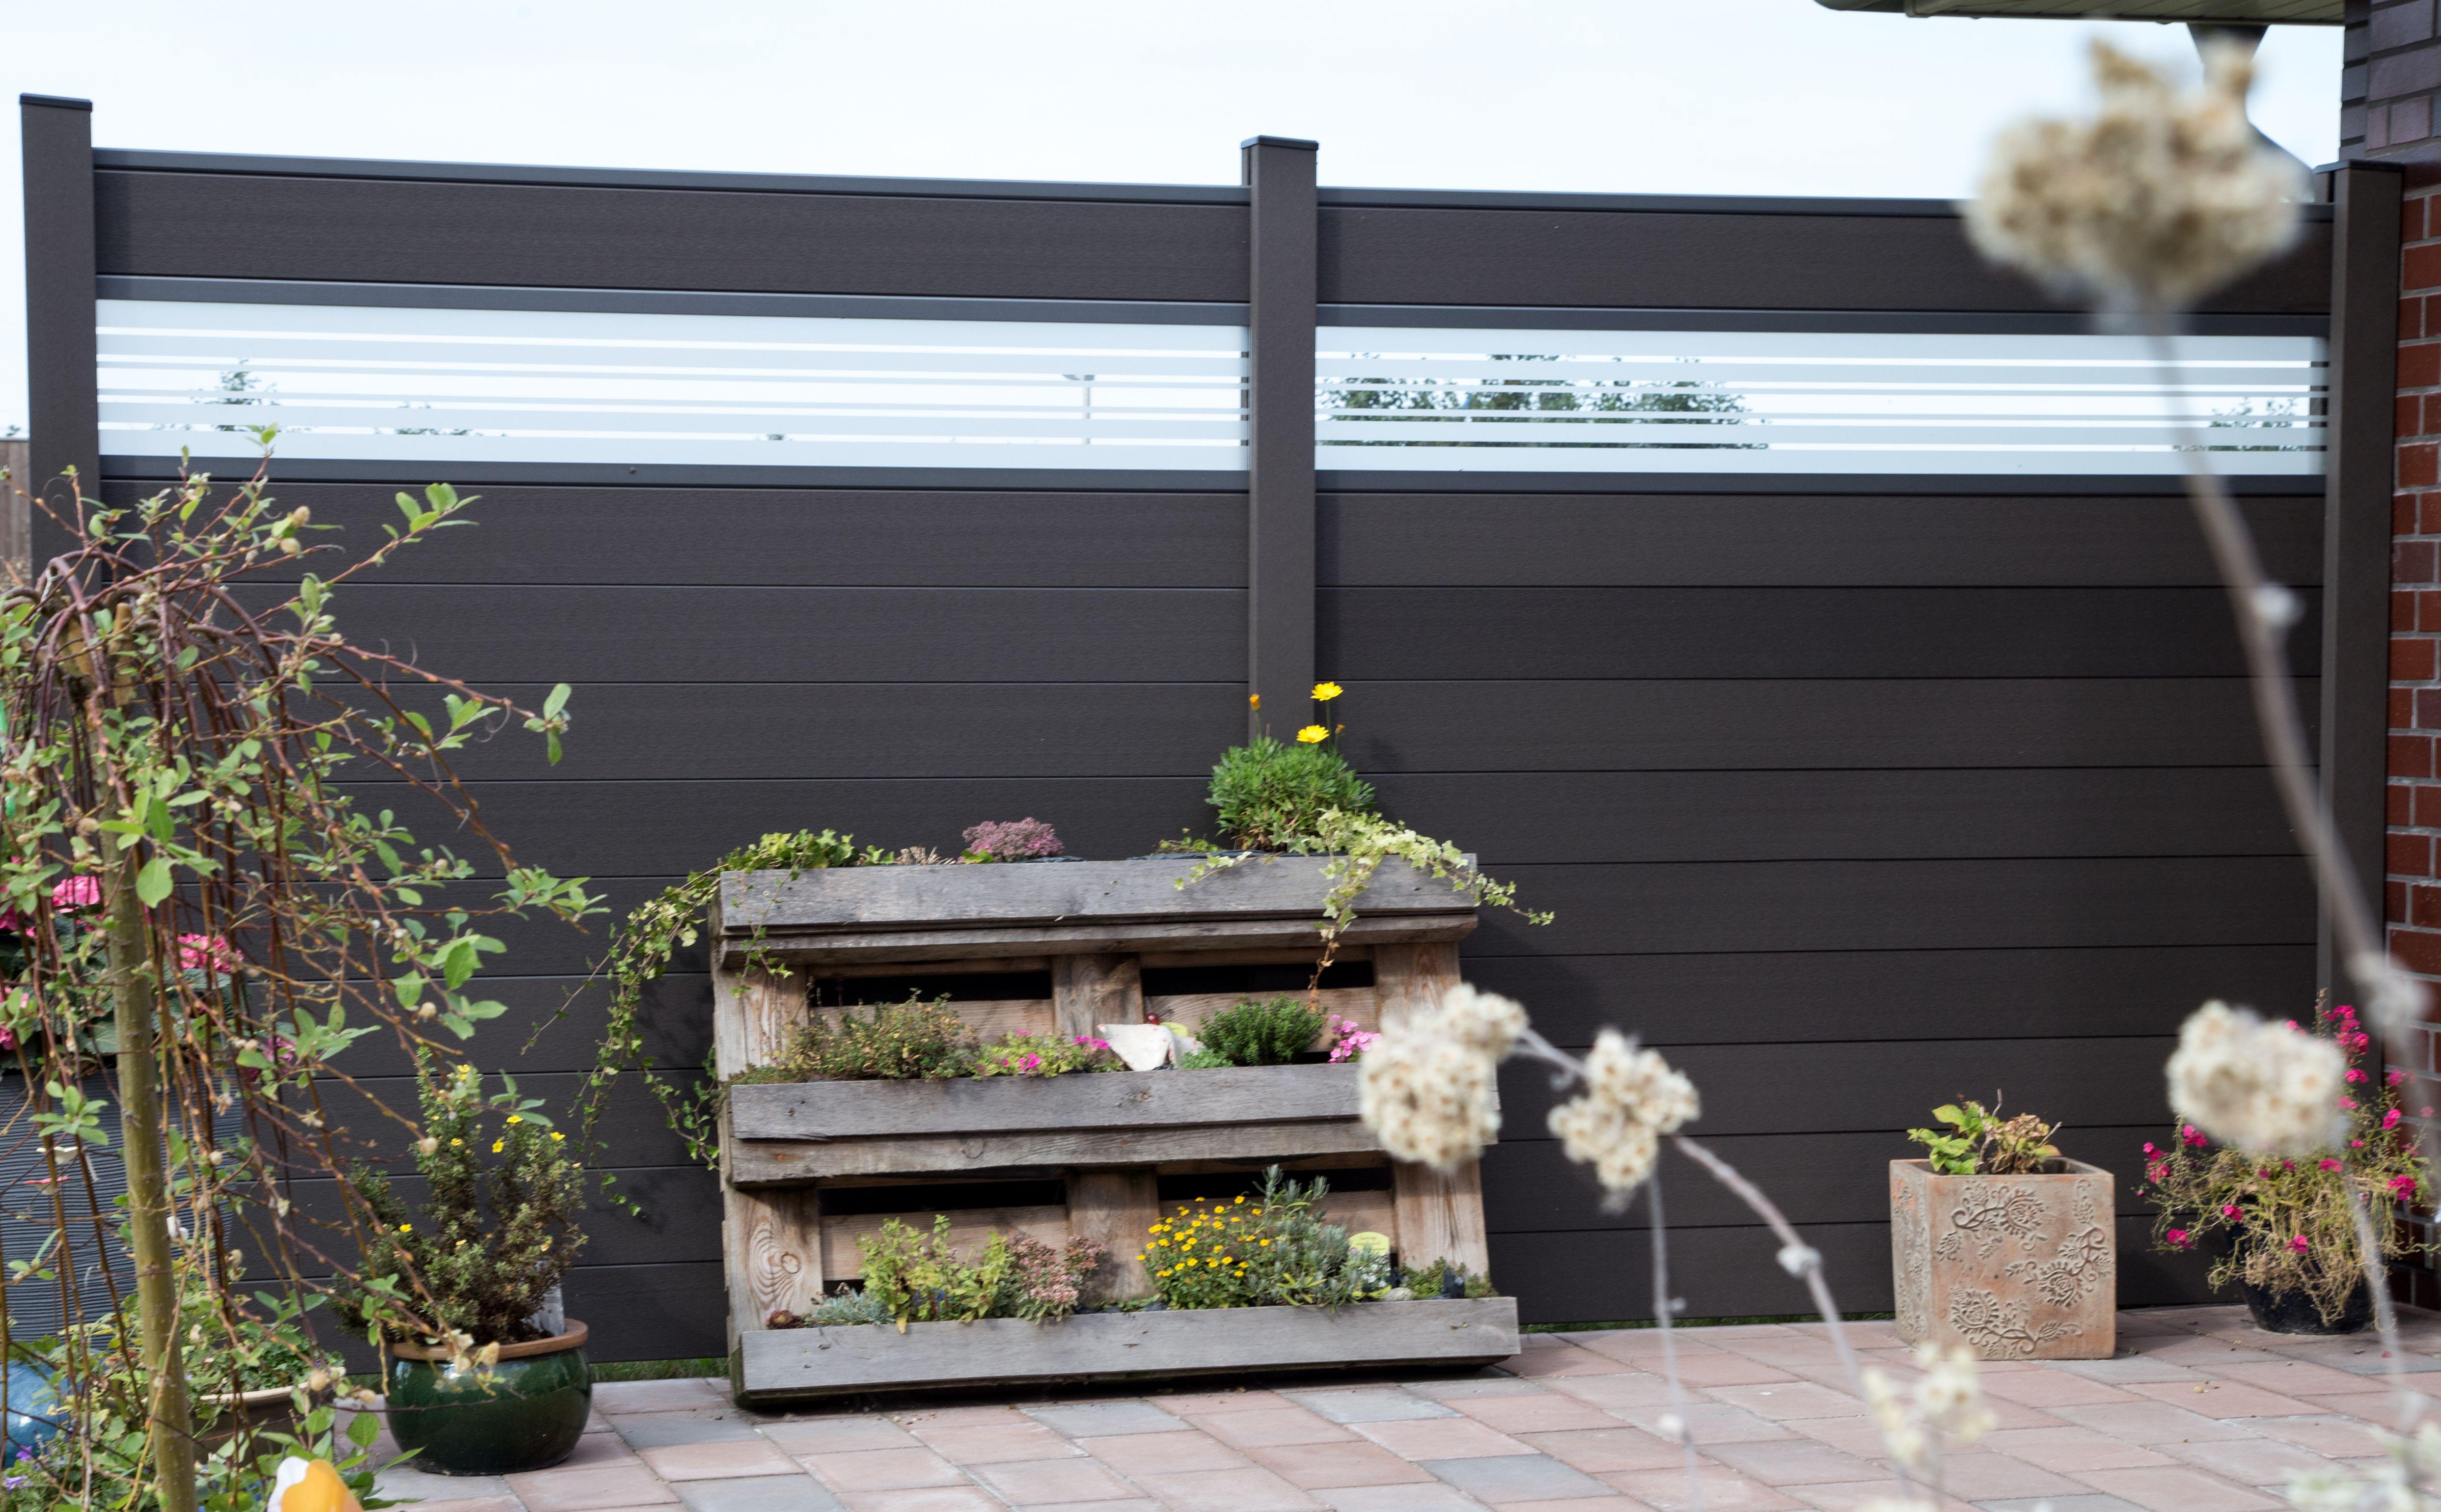 grojasolid bpc steckzaun in anthrazit mit designeinsatz With whirlpool garten mit balkon glas anthrazit